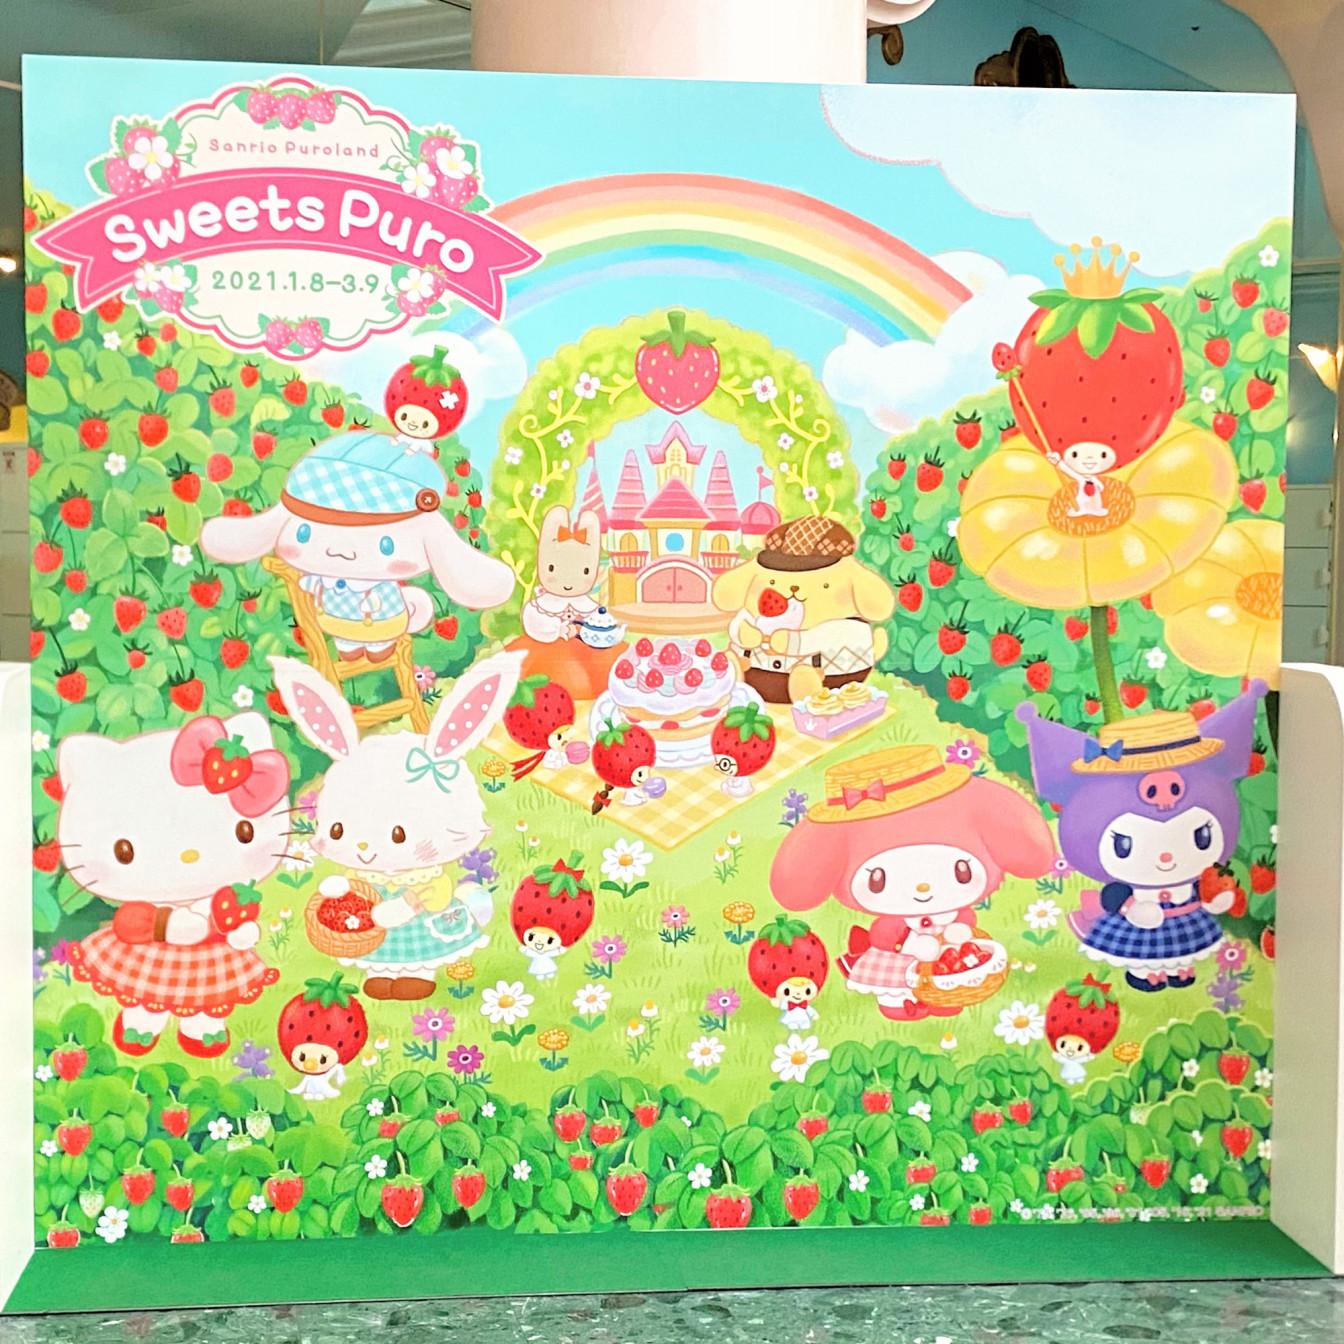 サンリオしか勝たん♡ 2021 Sweets Puro(スイーツピューロ) 徹底レポート